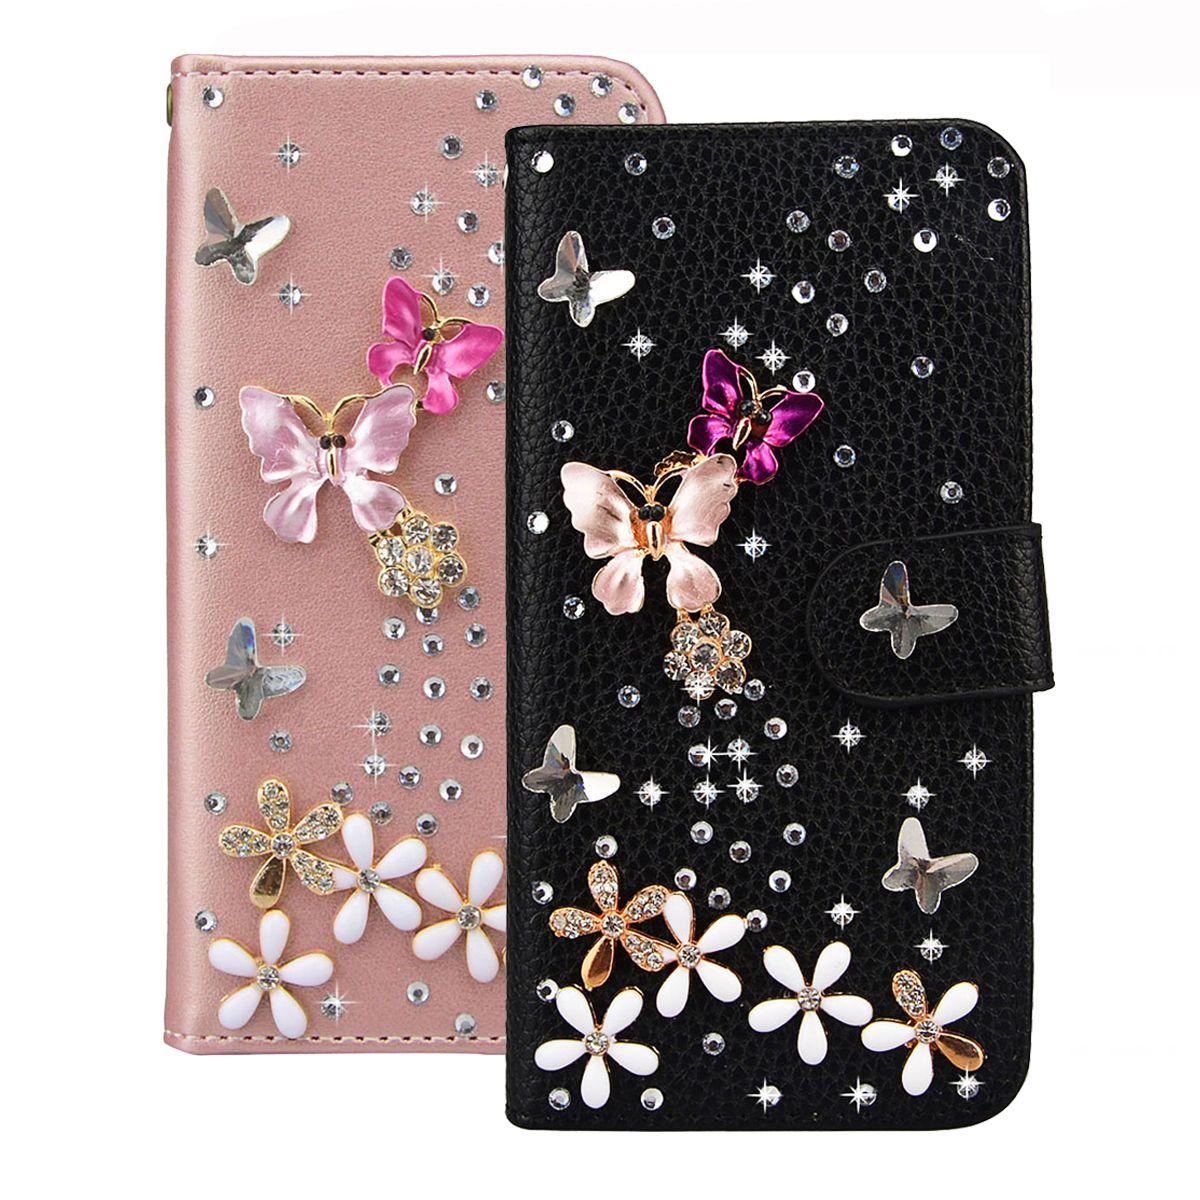 Luxe PU Cuir Flip Cas Pour Samsung Galaxy A3 A5 J3 J5 J7 2016 2017 S7 Bord S8 Plus cas Bling 3D Diamant Papillon Floral